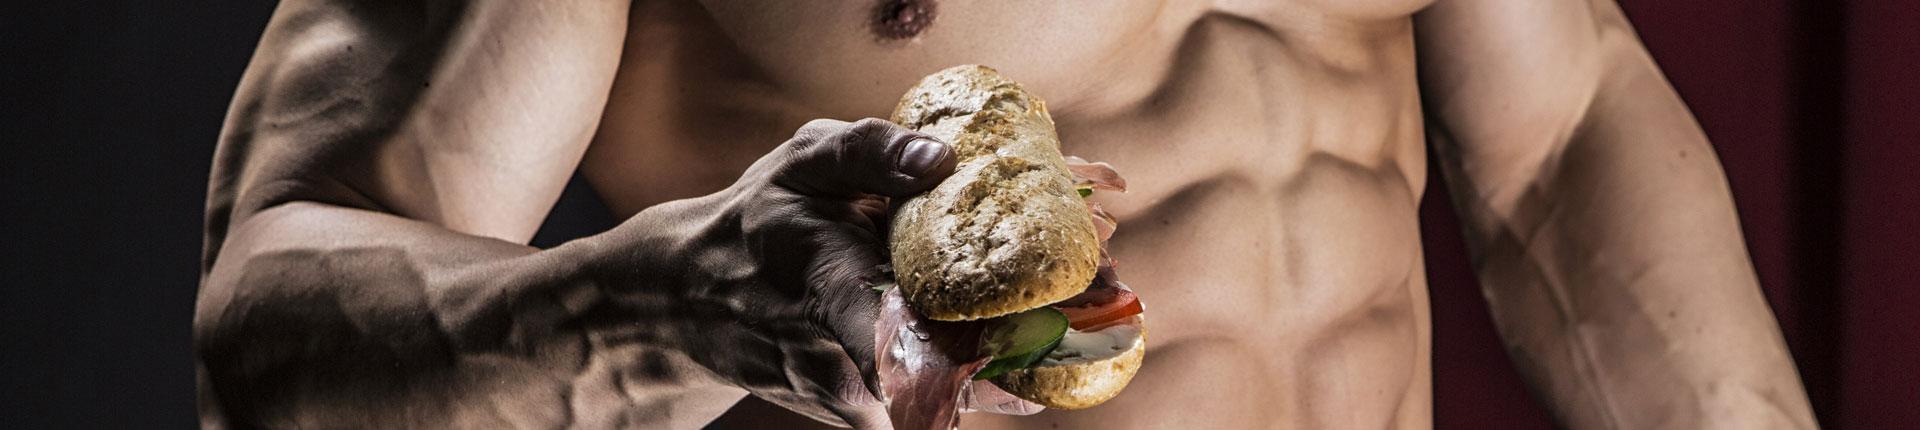 Czy można budować mięśnie jedząc trzy posiłki dziennie?